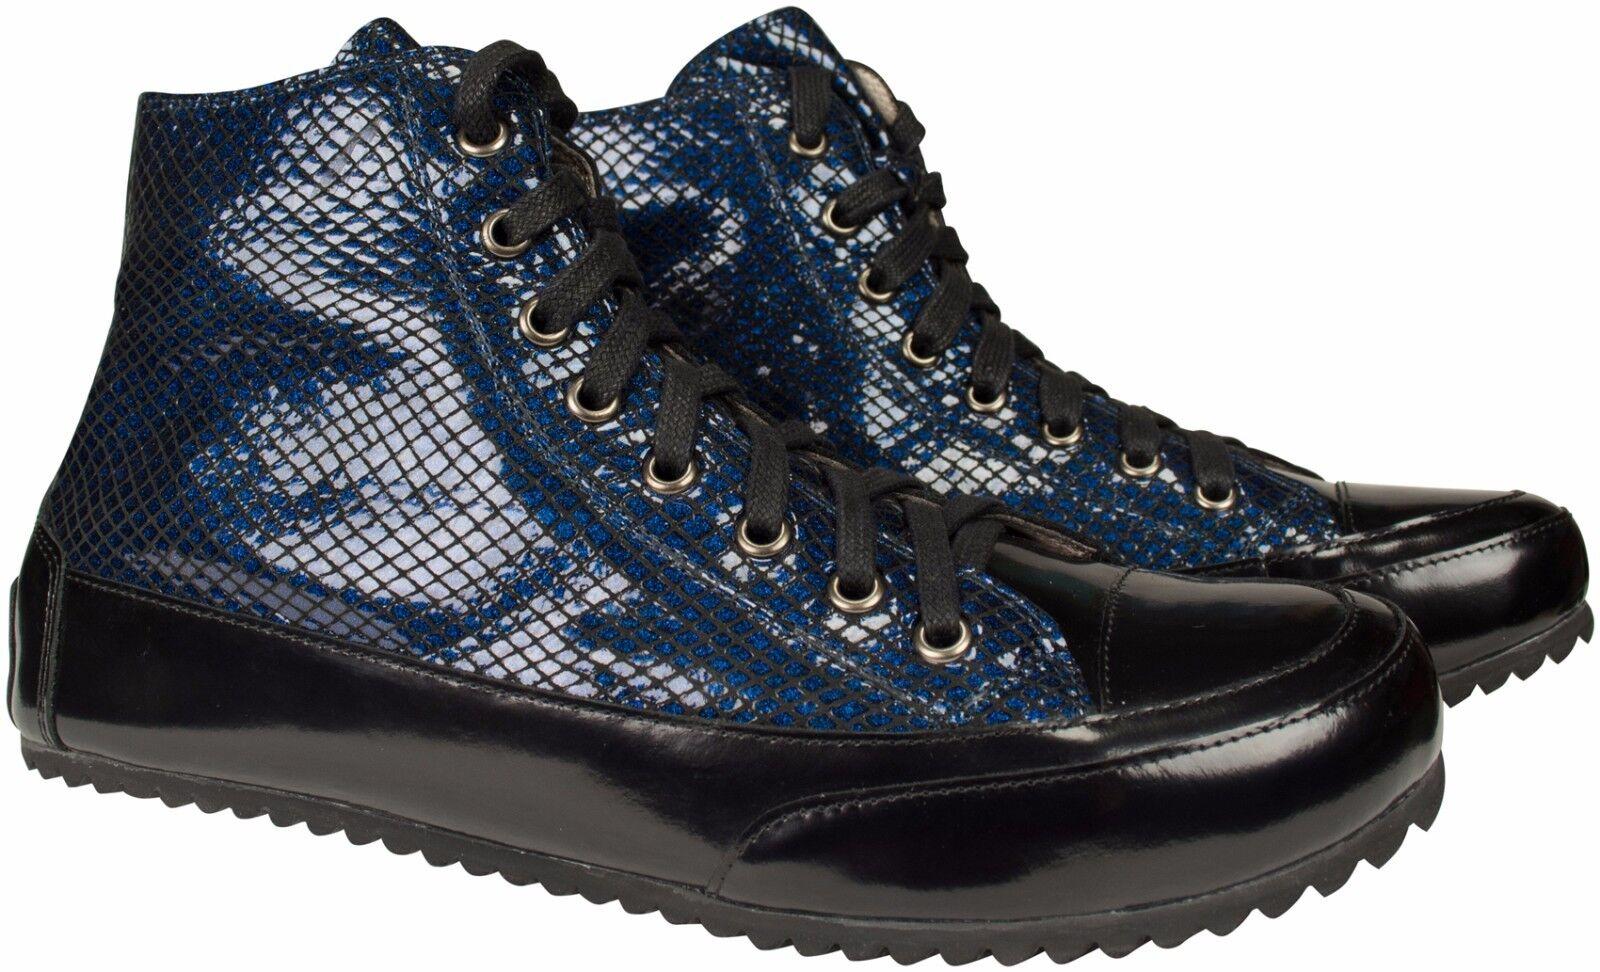 acquista marca Pelle Hightop-scarpe da ginnastica Blu Nero Nero Nero in Pelle Vernice capannone COLLEZIONE PATTERN dimensioni 37  economico